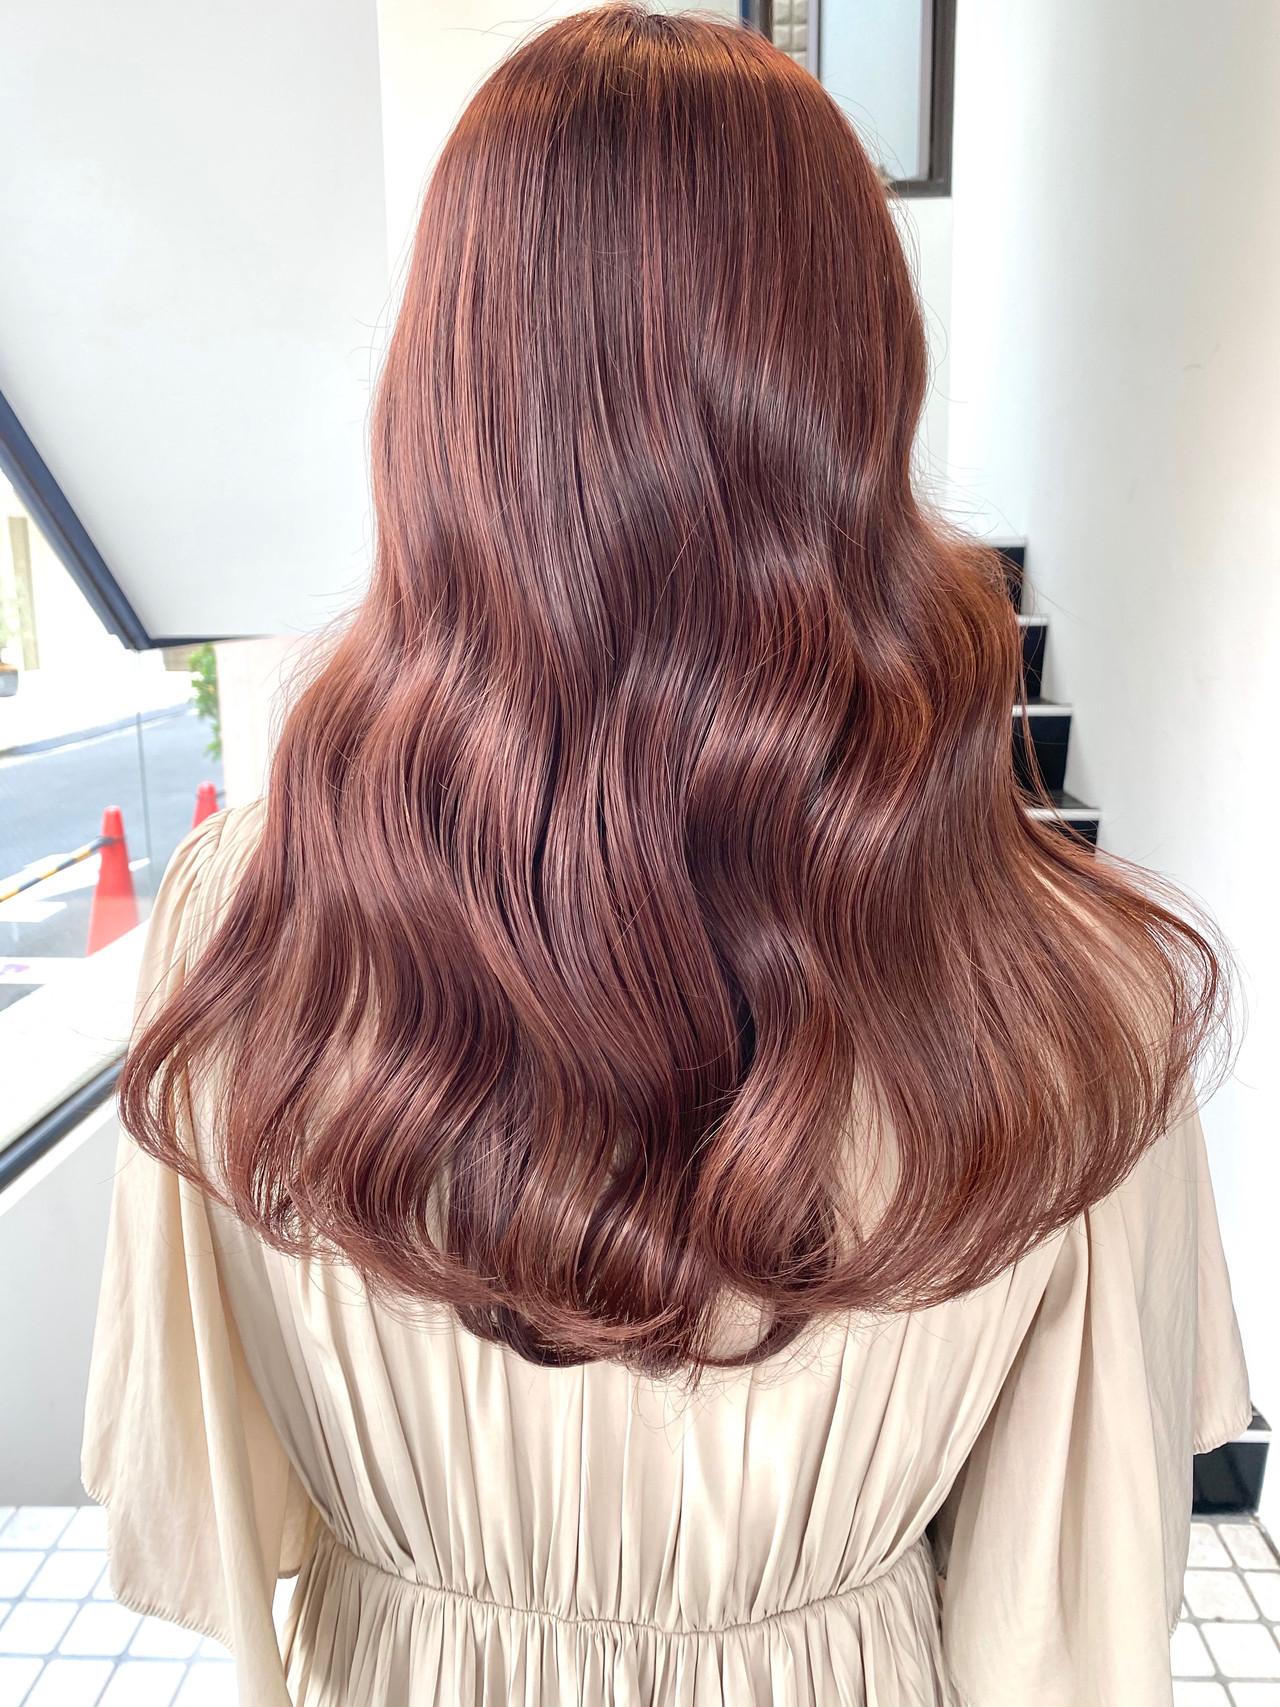 透明感カラー 地毛風カラー 韓国風ヘアー 外国人風カラーヘアスタイルや髪型の写真・画像